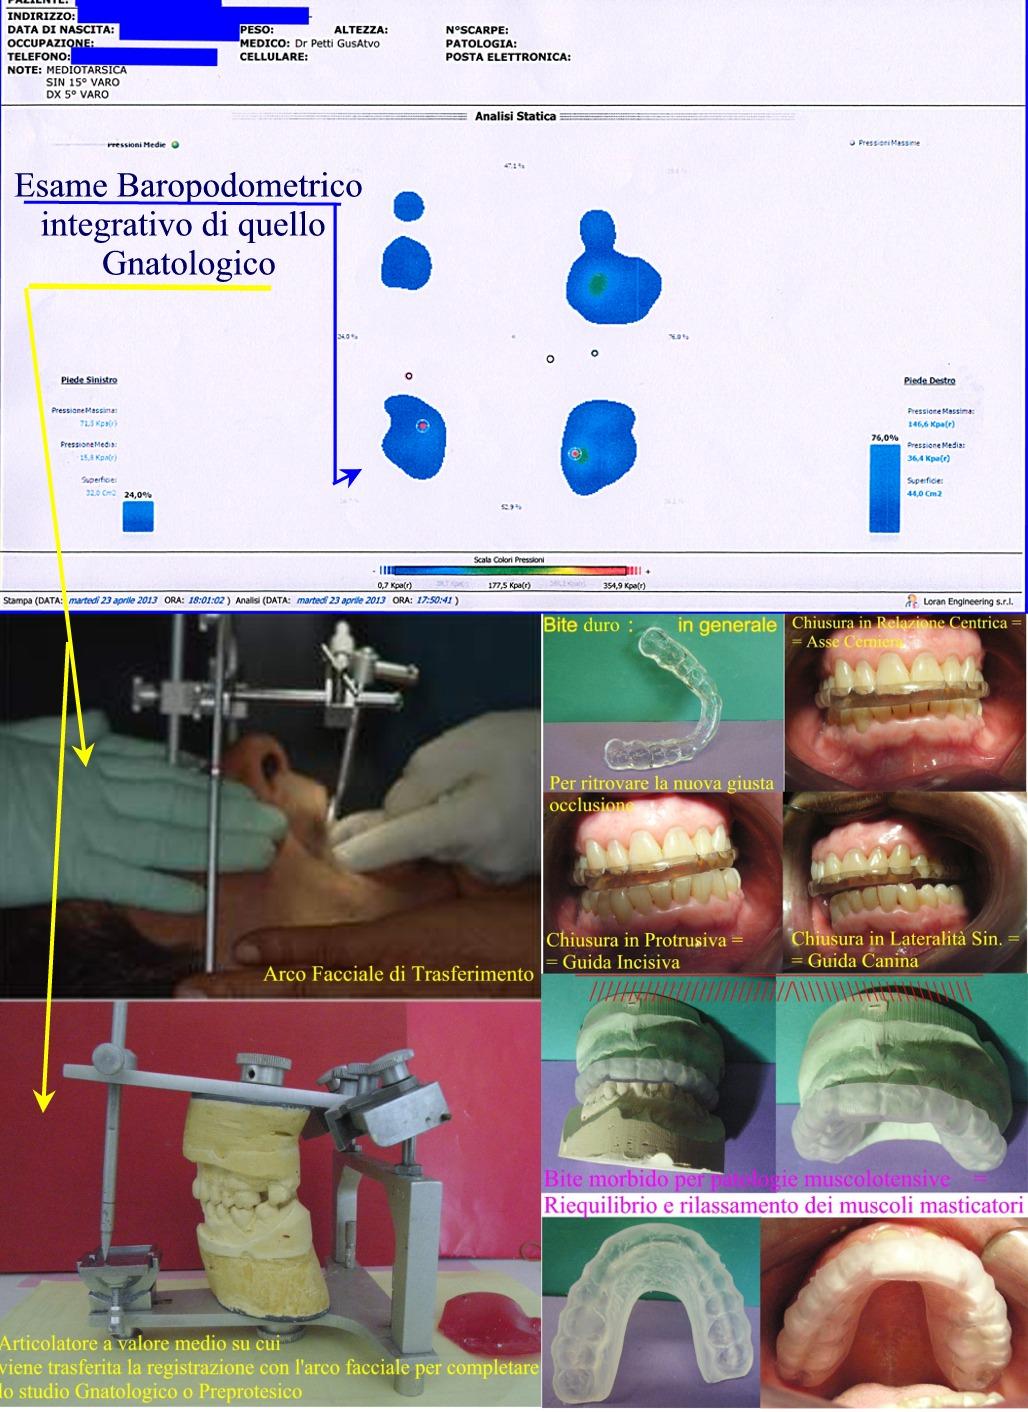 analisi podometrica statica, di un arco facciale con articolatore a valore medio e di diversi tipi di bite.Da Dr. Gustavo Petti Parodontologo Gnatologo di Cagliari